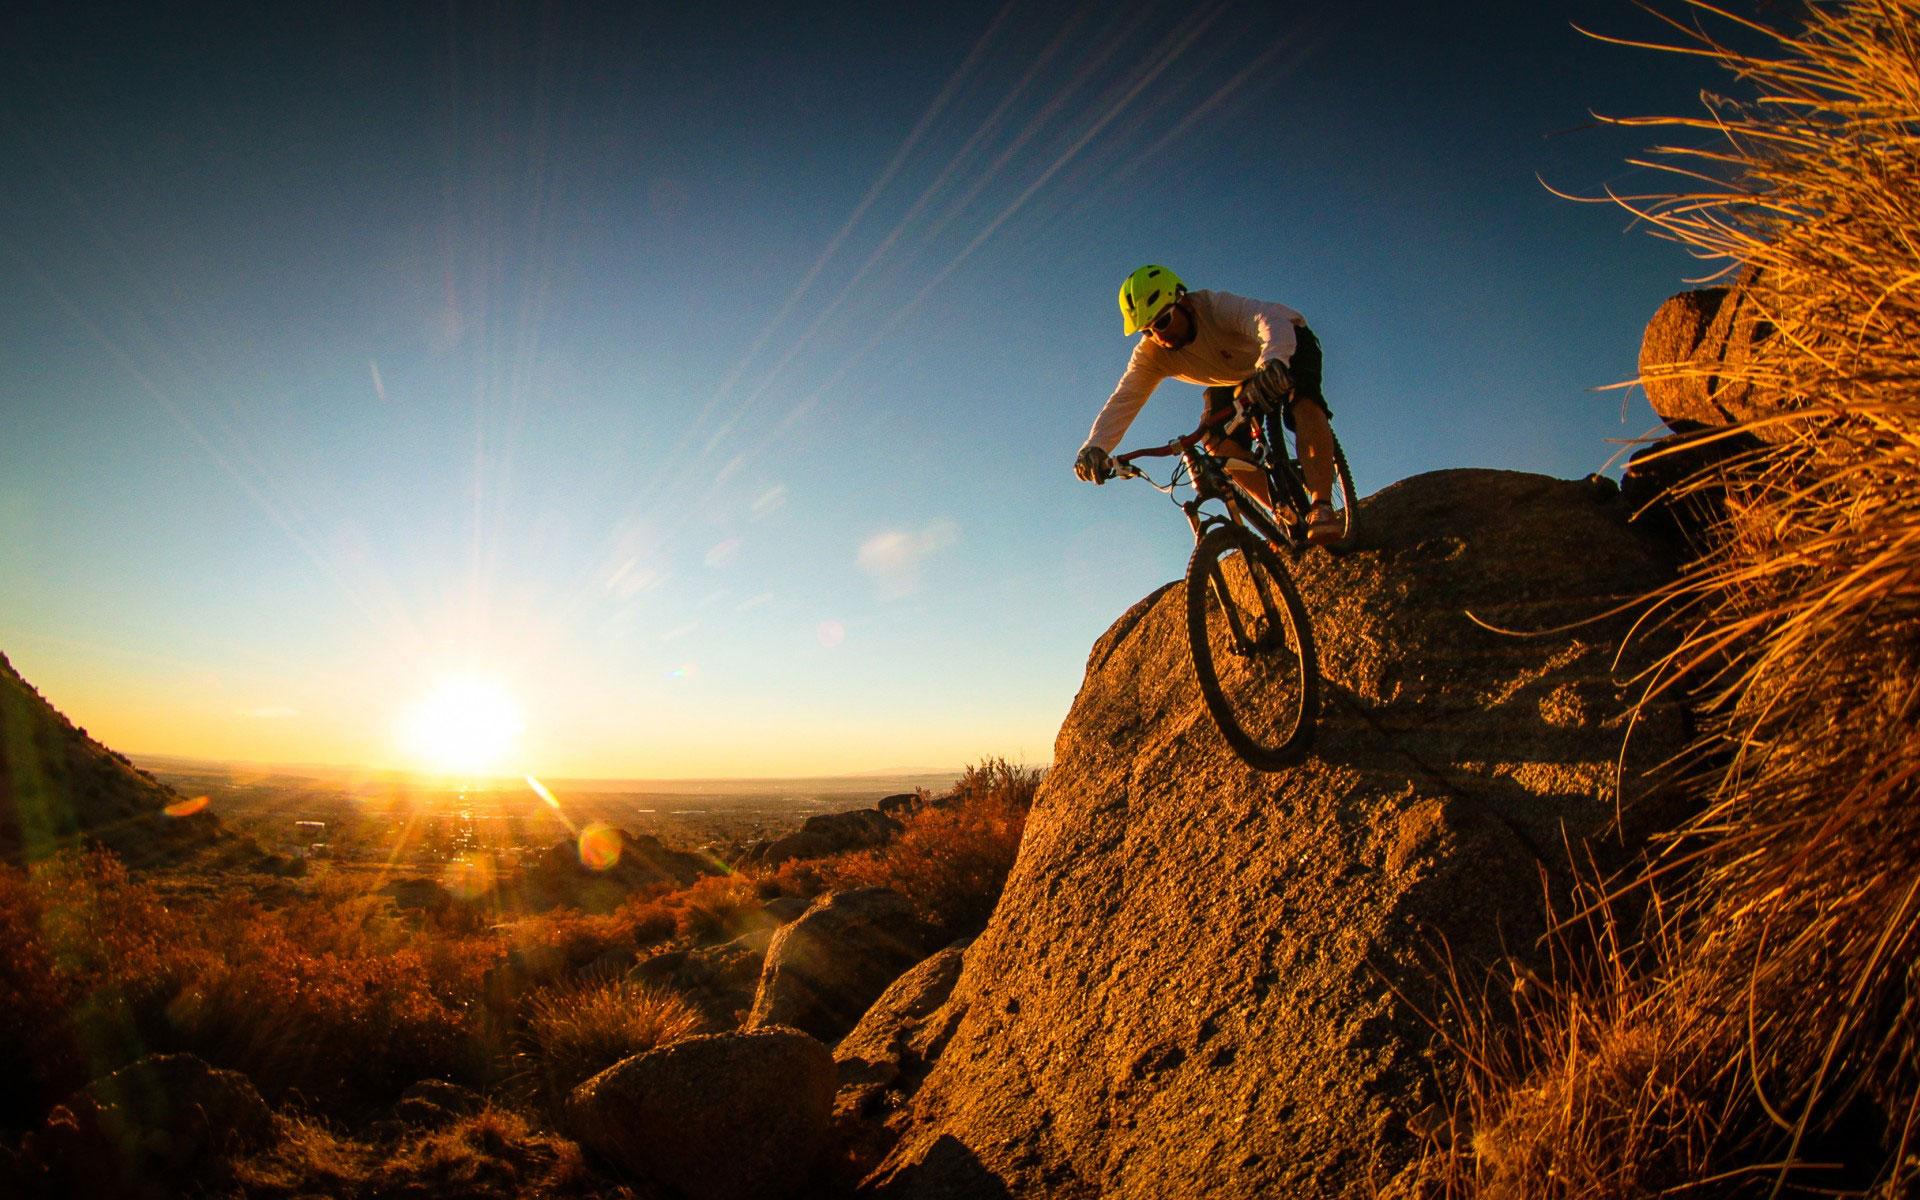 ... bicycles_wallpaper203 downhill-mountain-bike-ochsenkopf ef2c84f5 gee_1600x1200 mountain_biking_hd_widescreen_wallpapers_1920x1200 ...